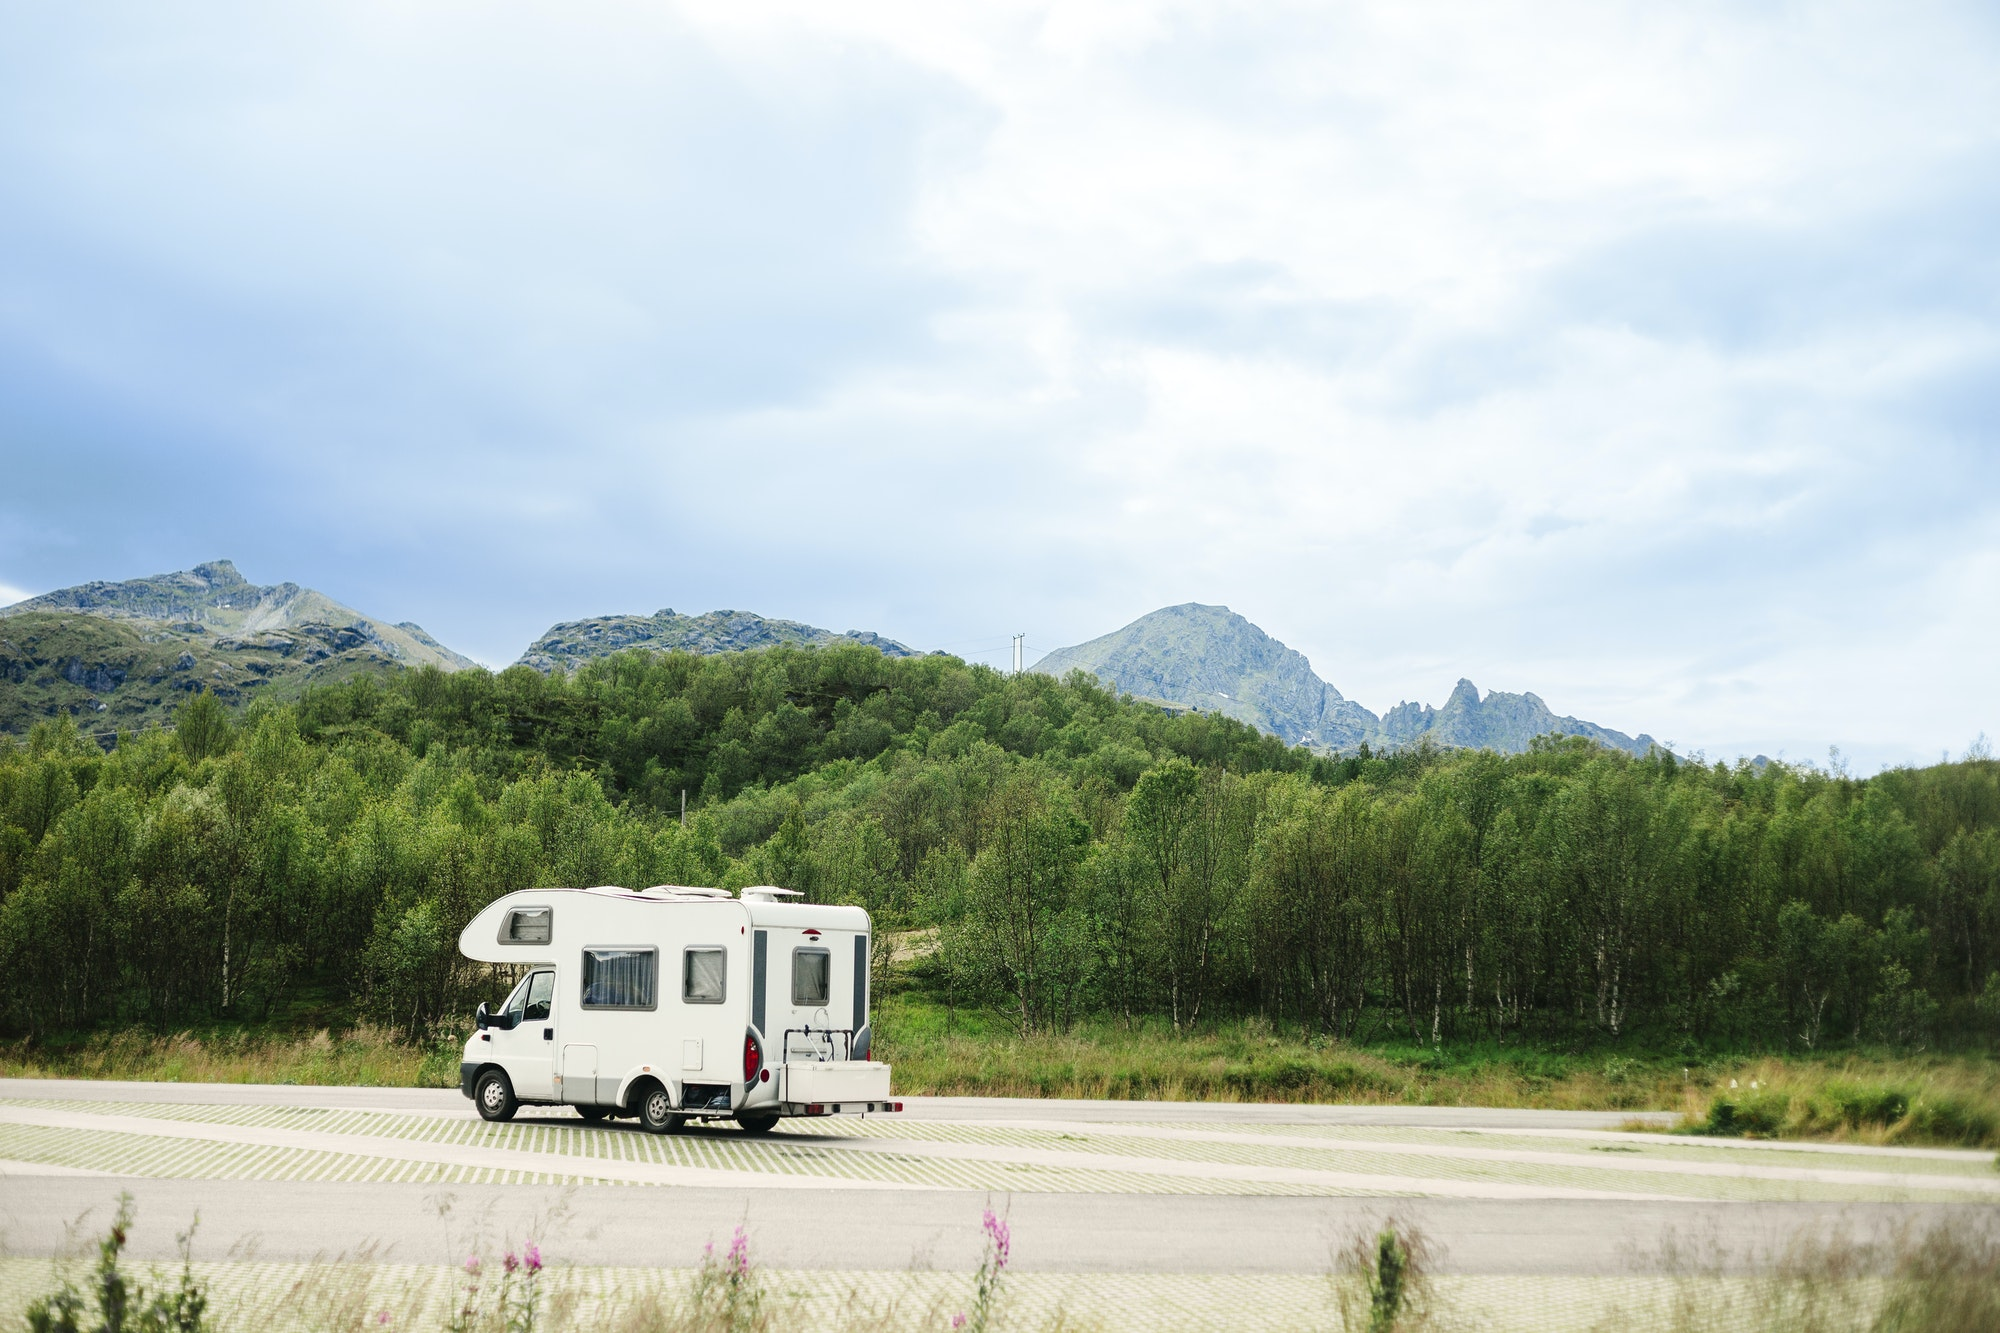 Caravan on mountain road against sky